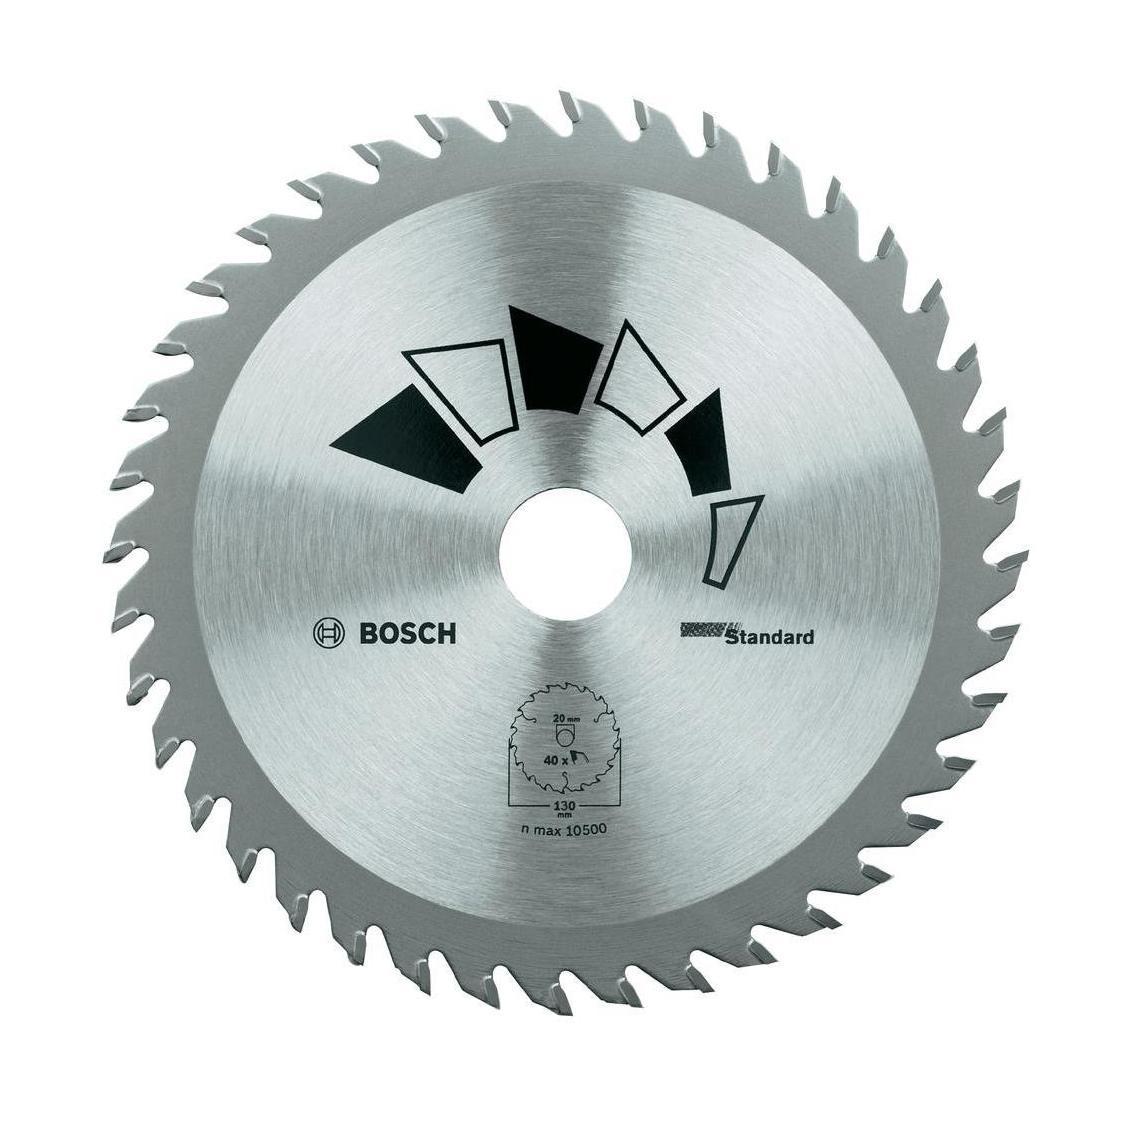 """���� ������� Bosch """"Standard"""" �� ������, 130 ��"""